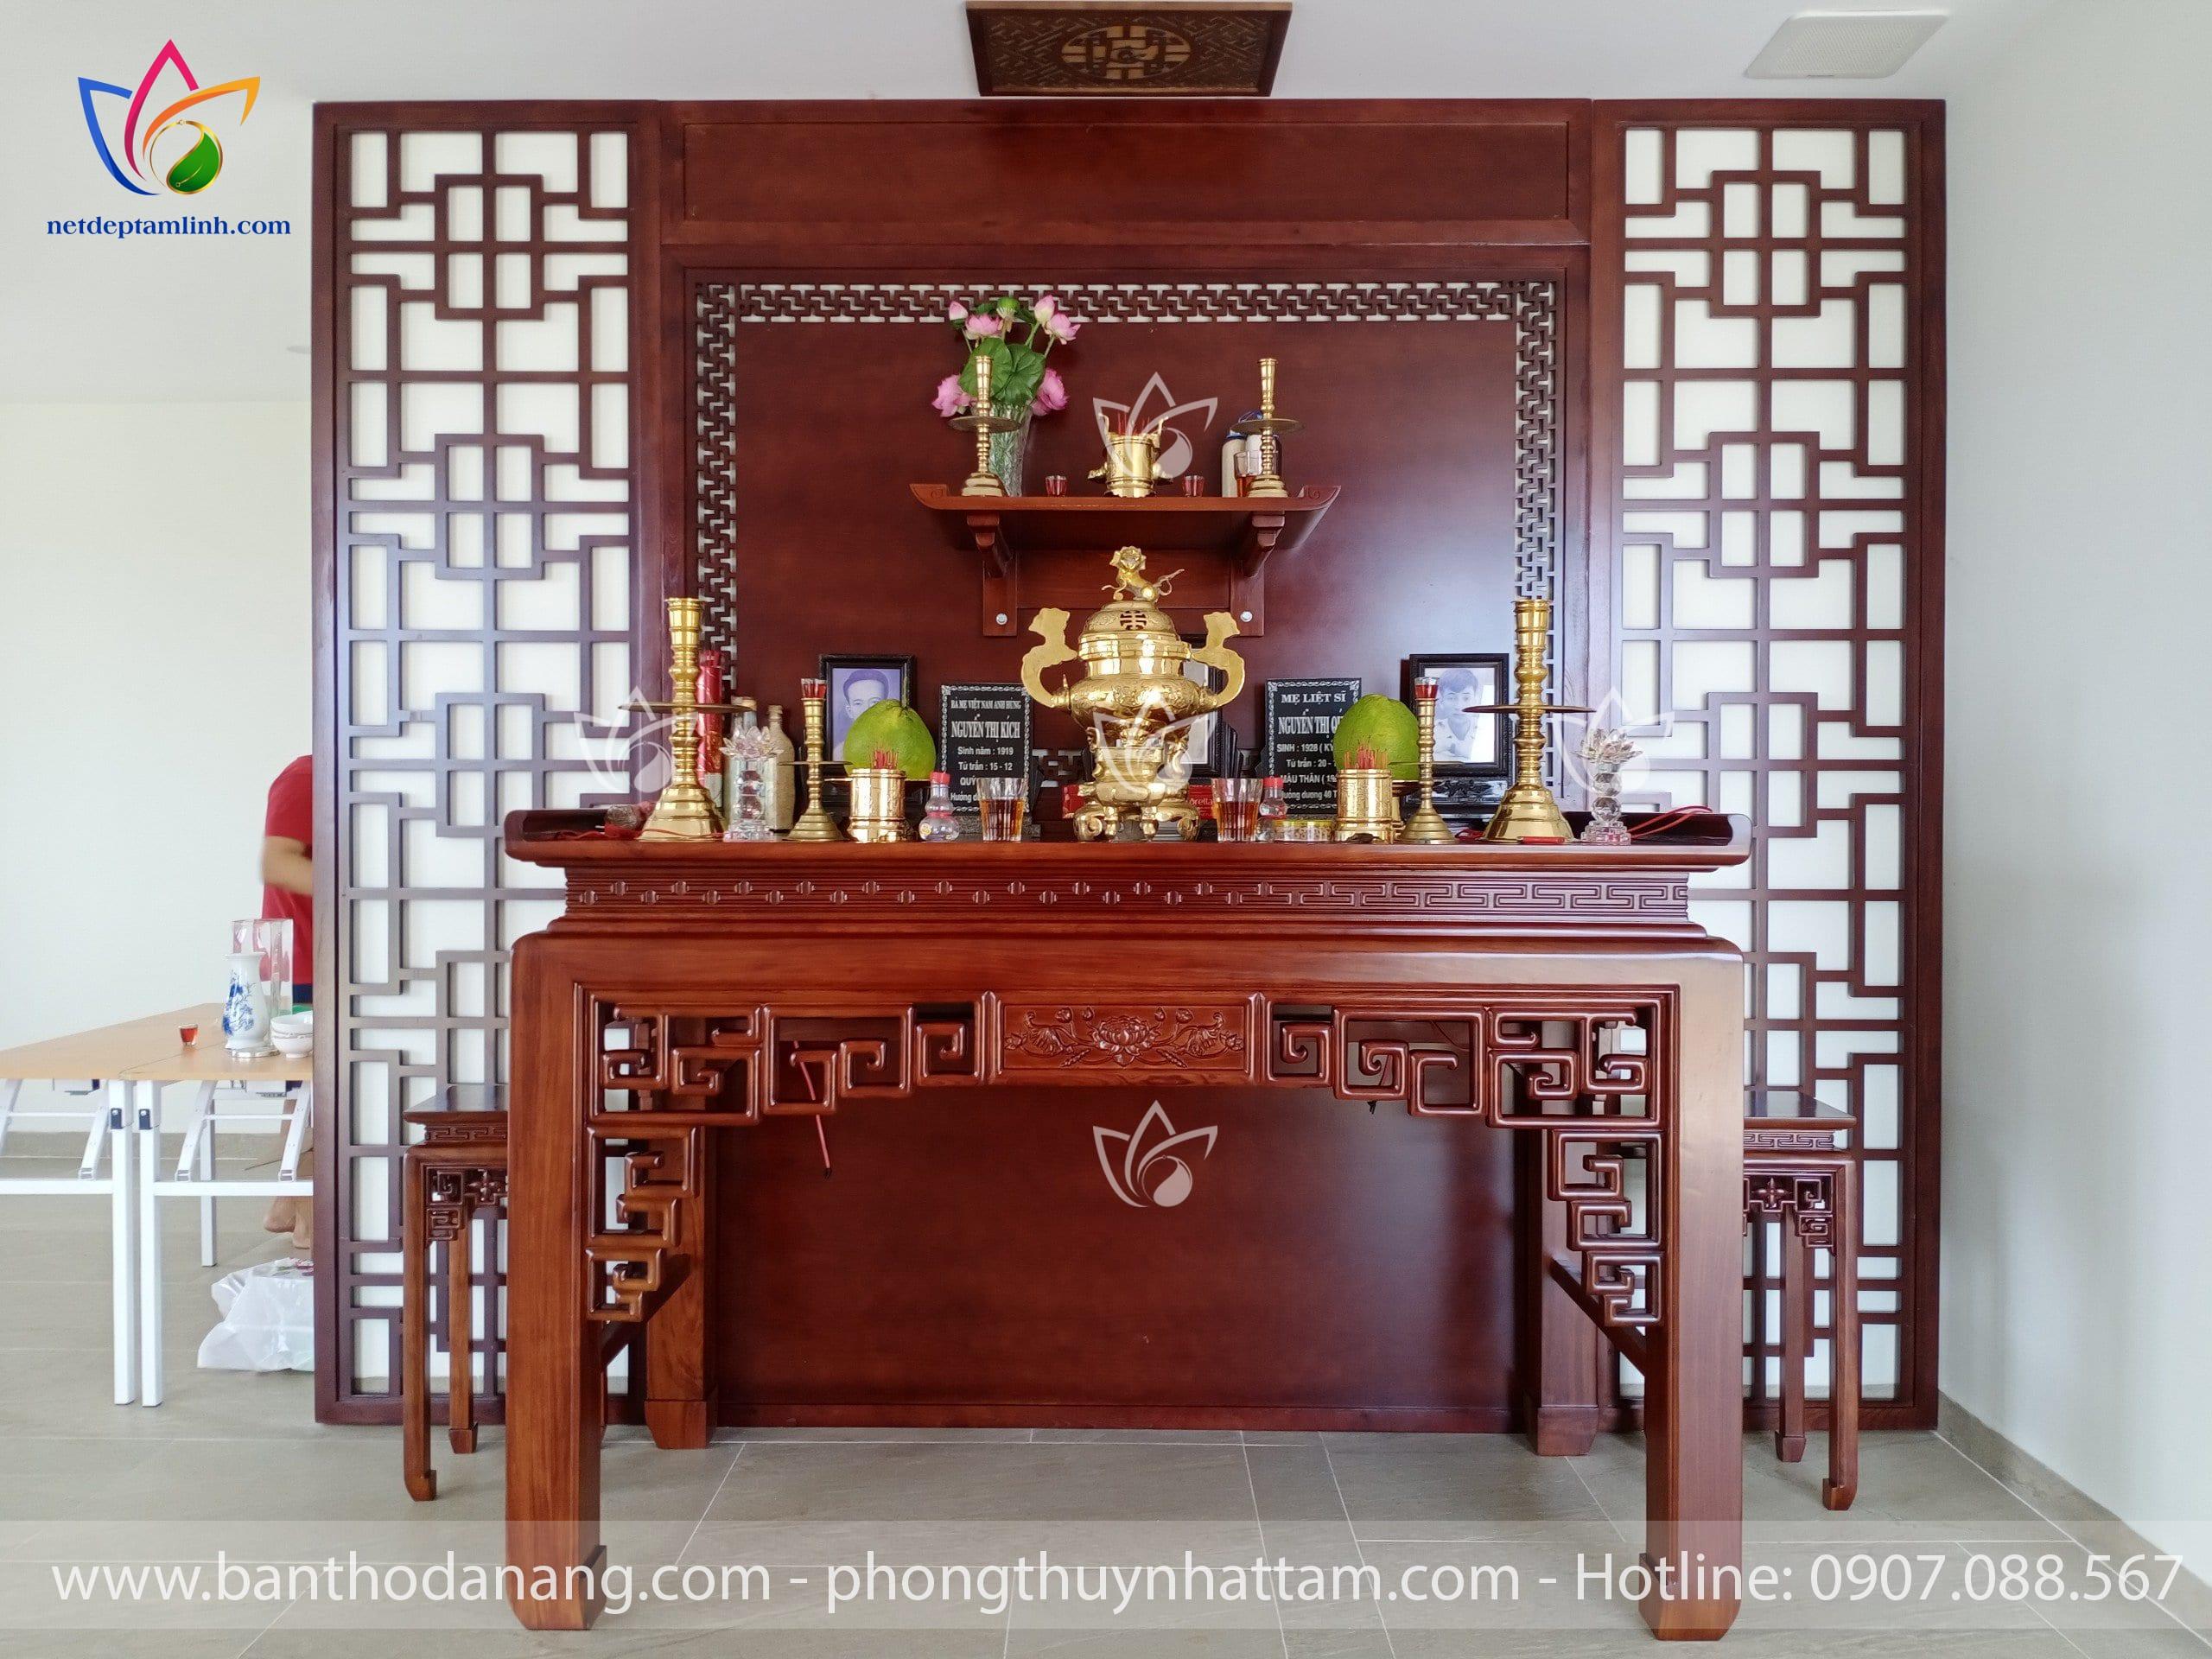 Bàn thờ đứng kết hợp bàn thờ treo tường cho một biệt thự ở Hòa Xuân, TP Đà Nẵng